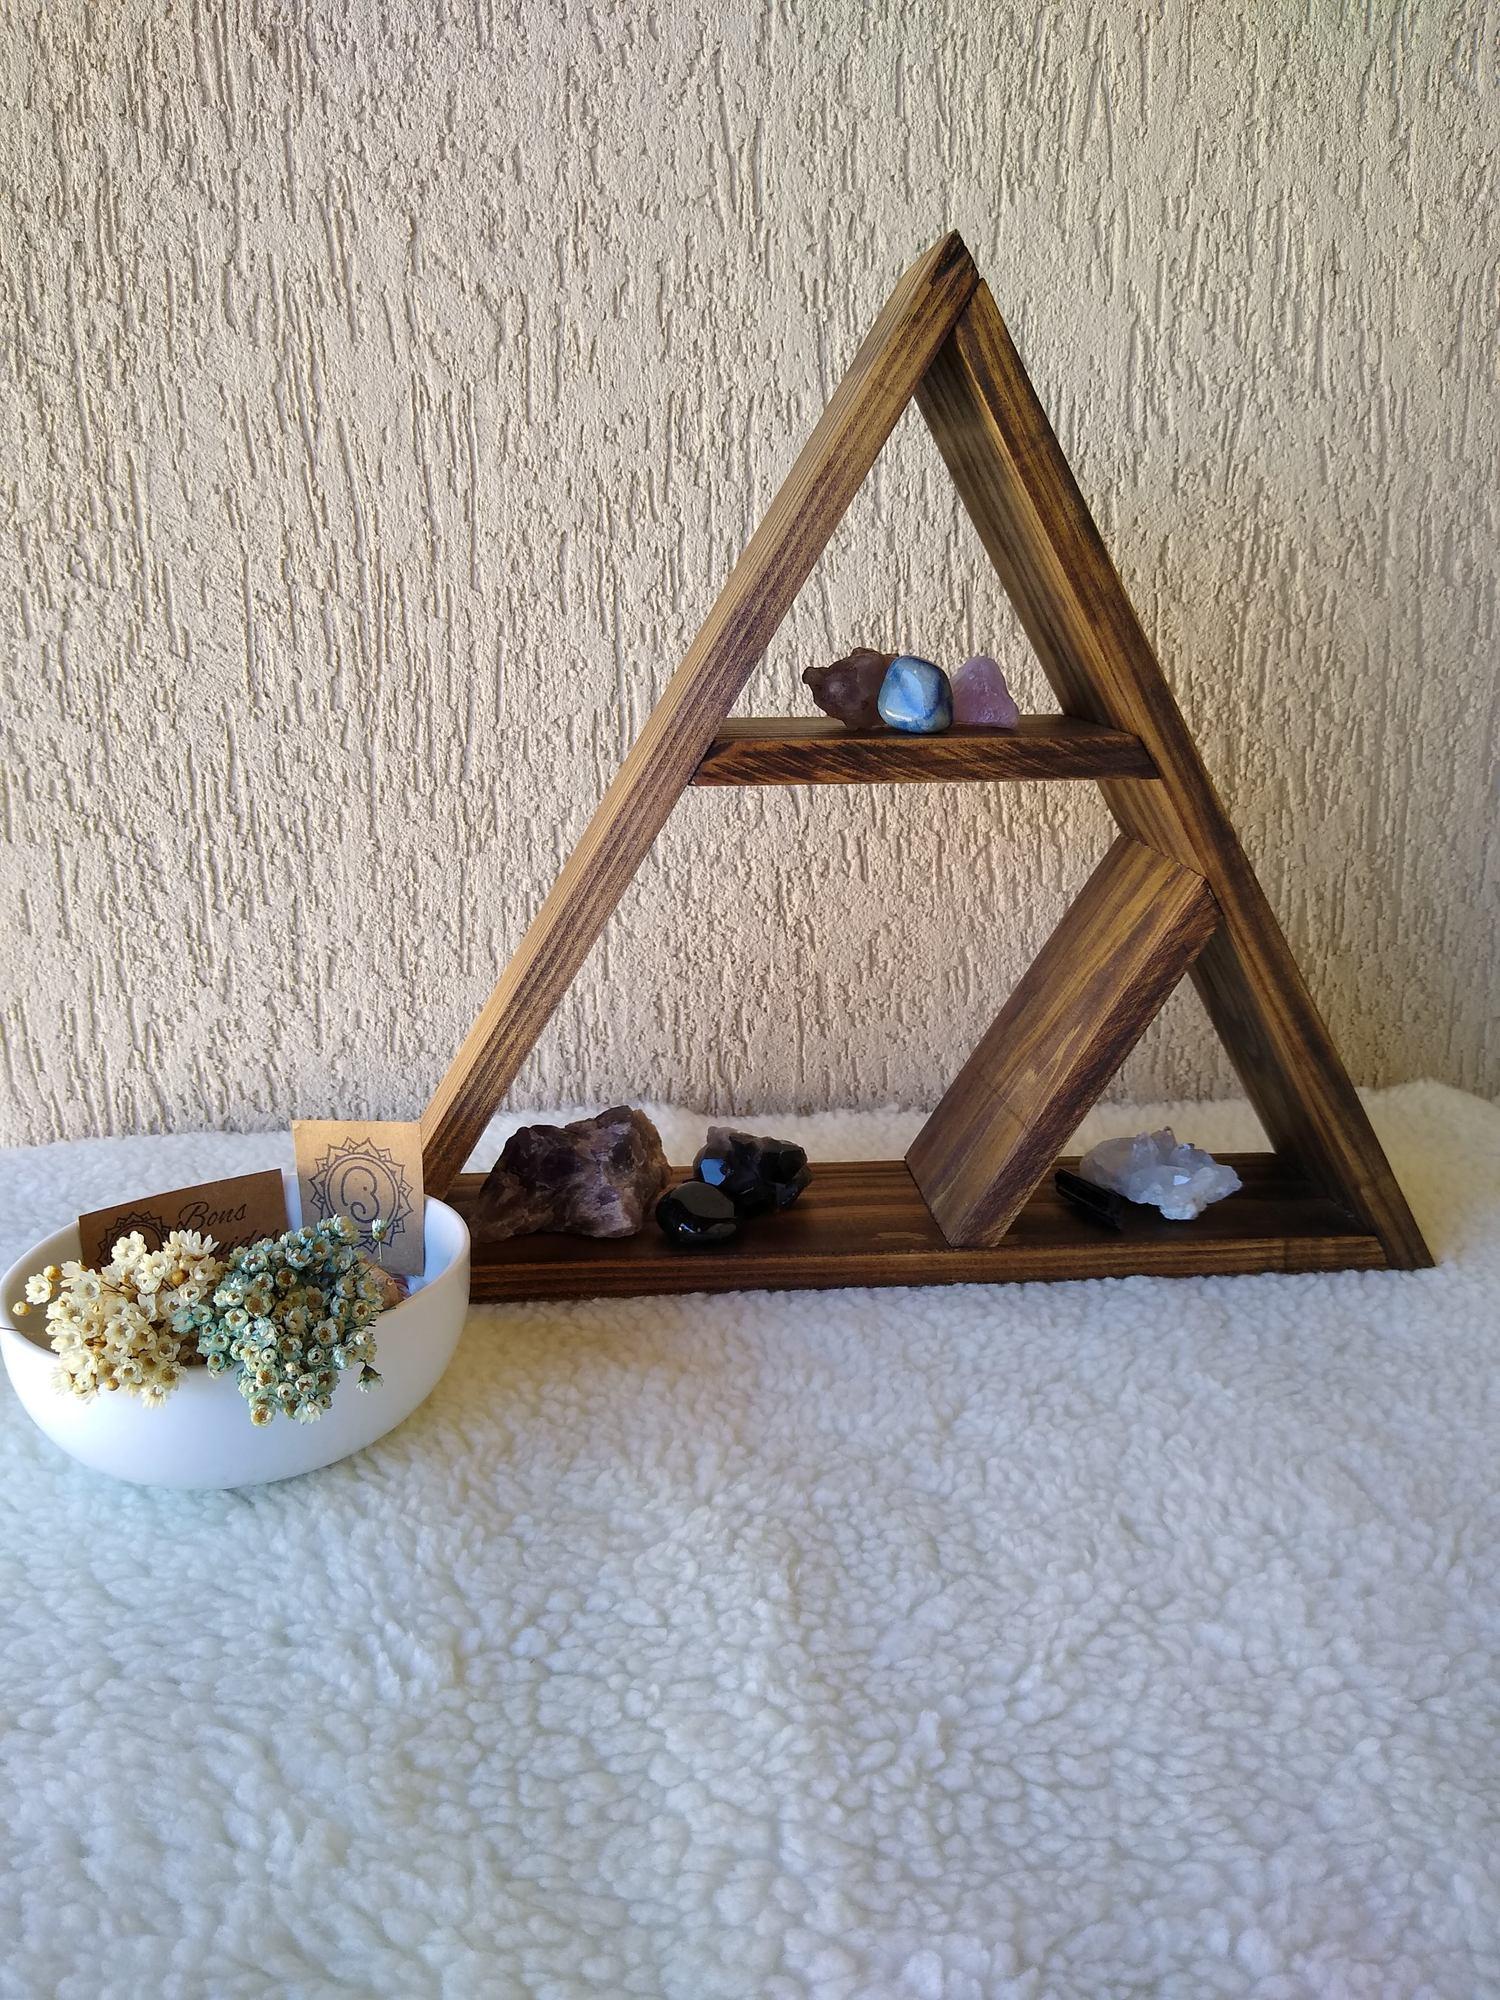 Triângulo Decorativo de Madeira